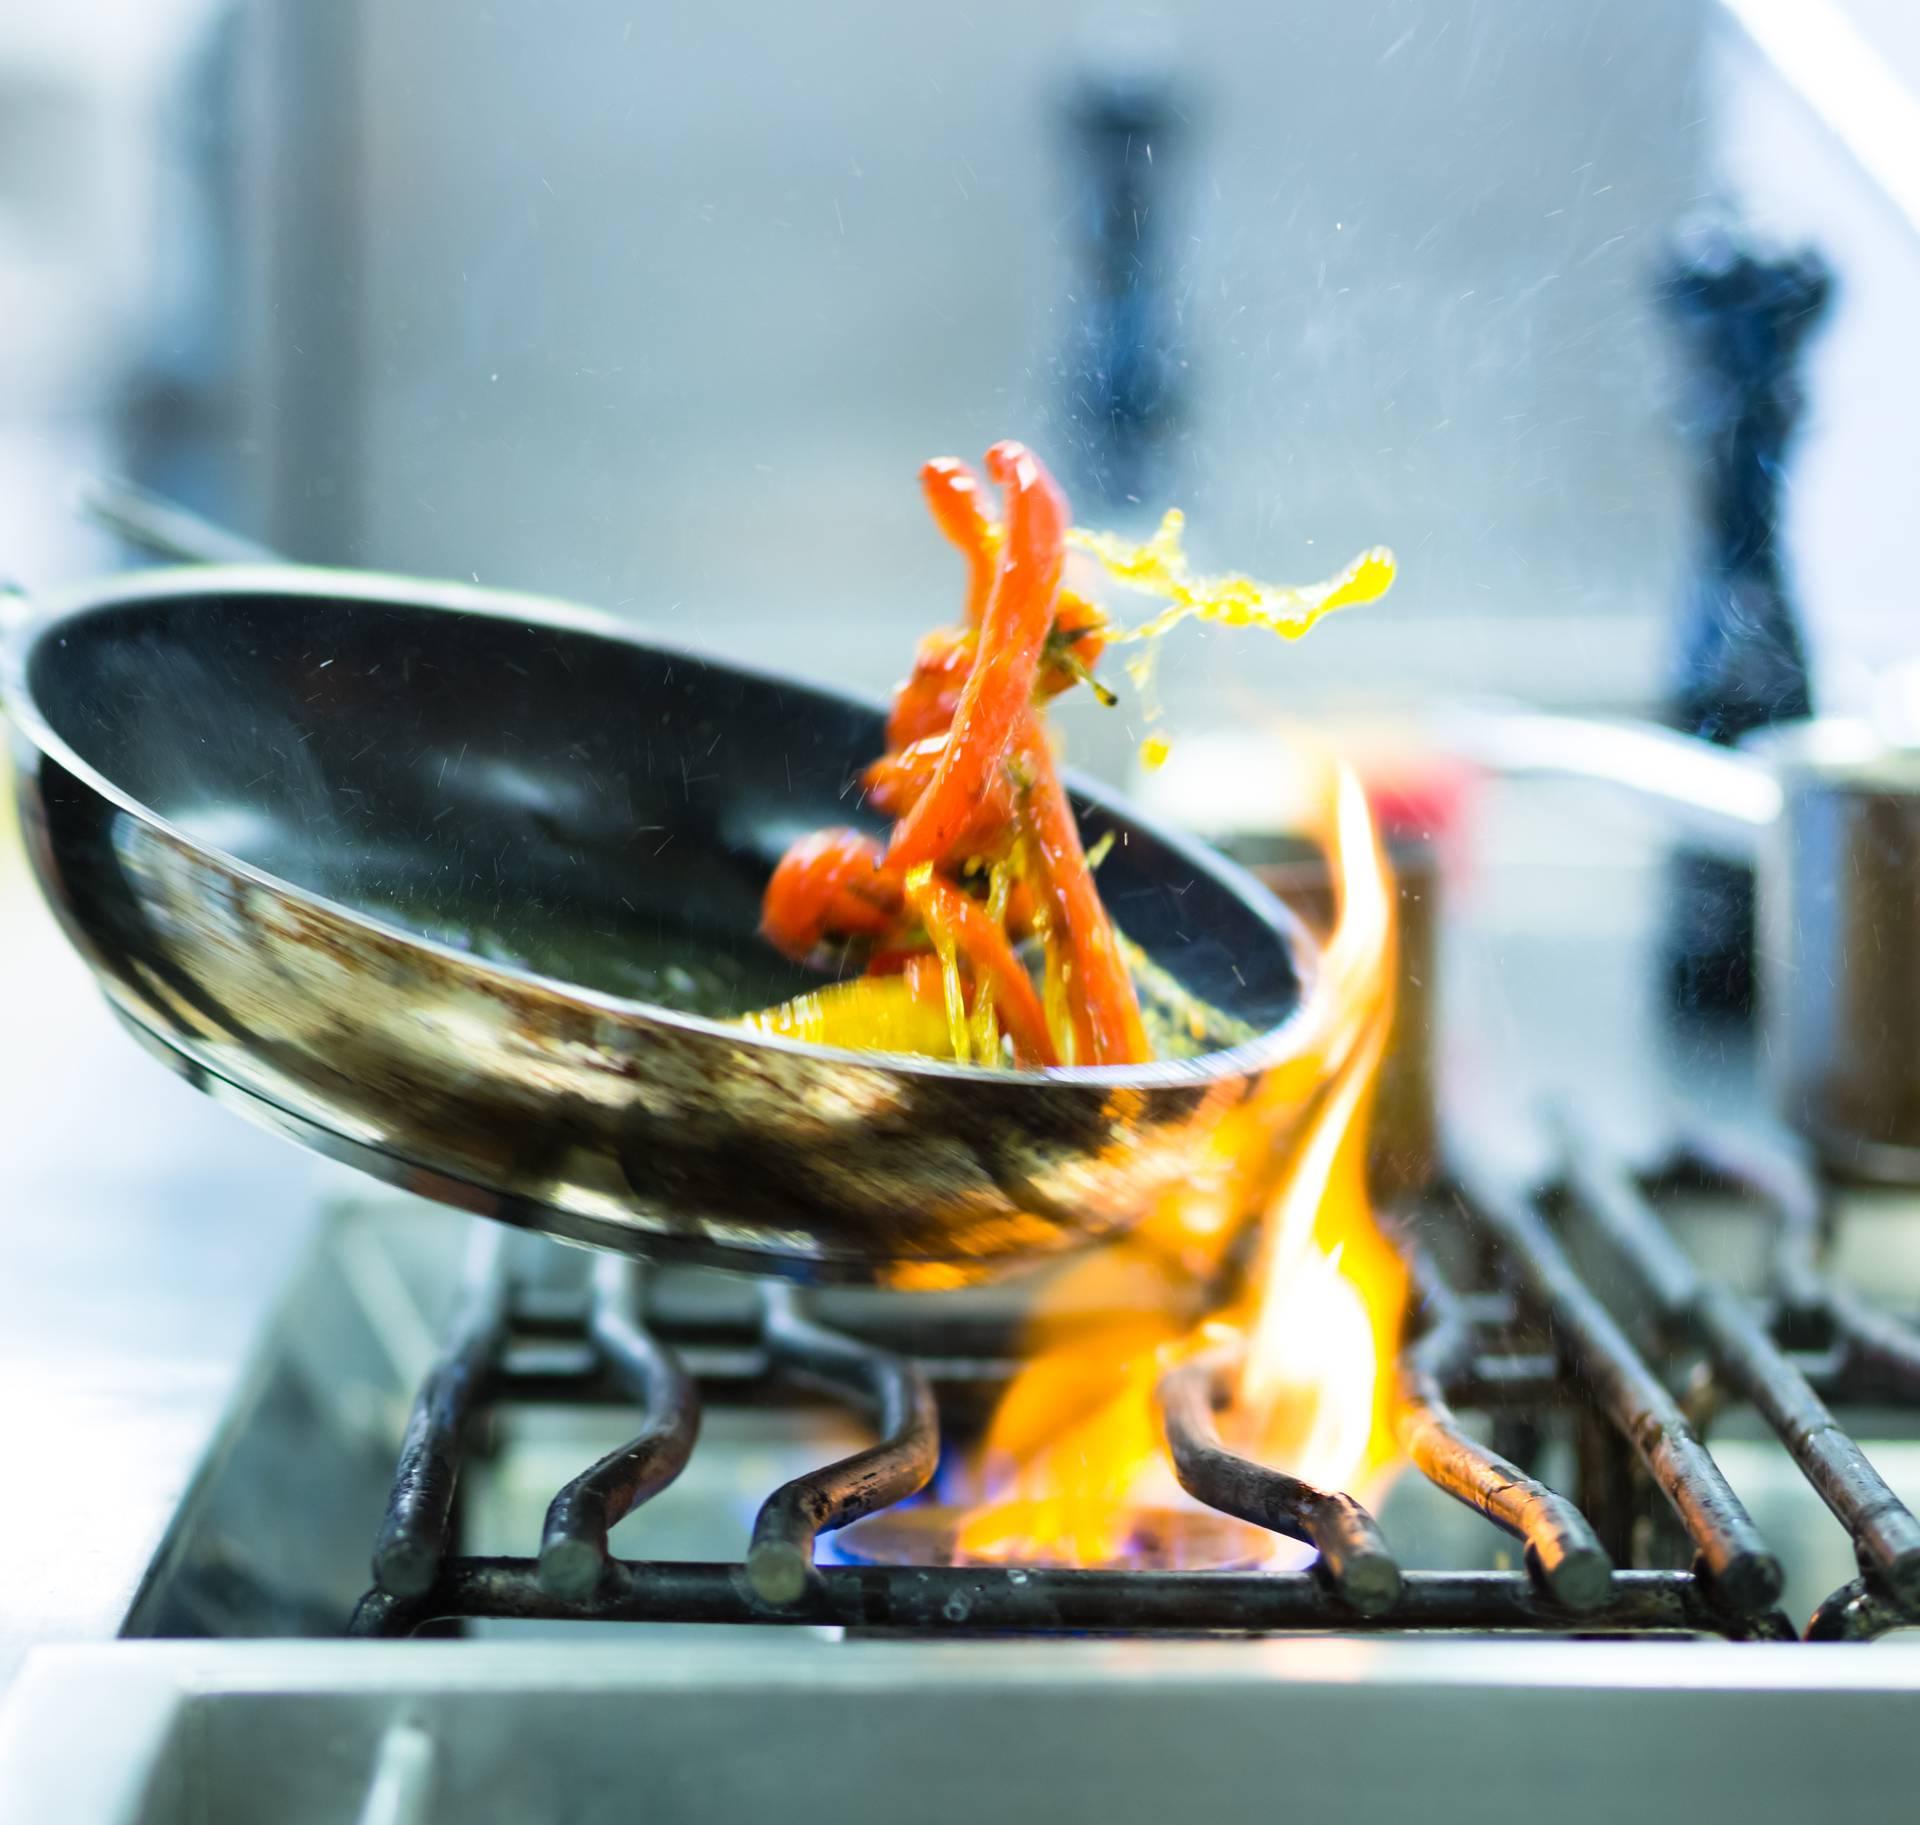 Kuhari otkrili česte greške koje radimo dok kuhamo kod kuće